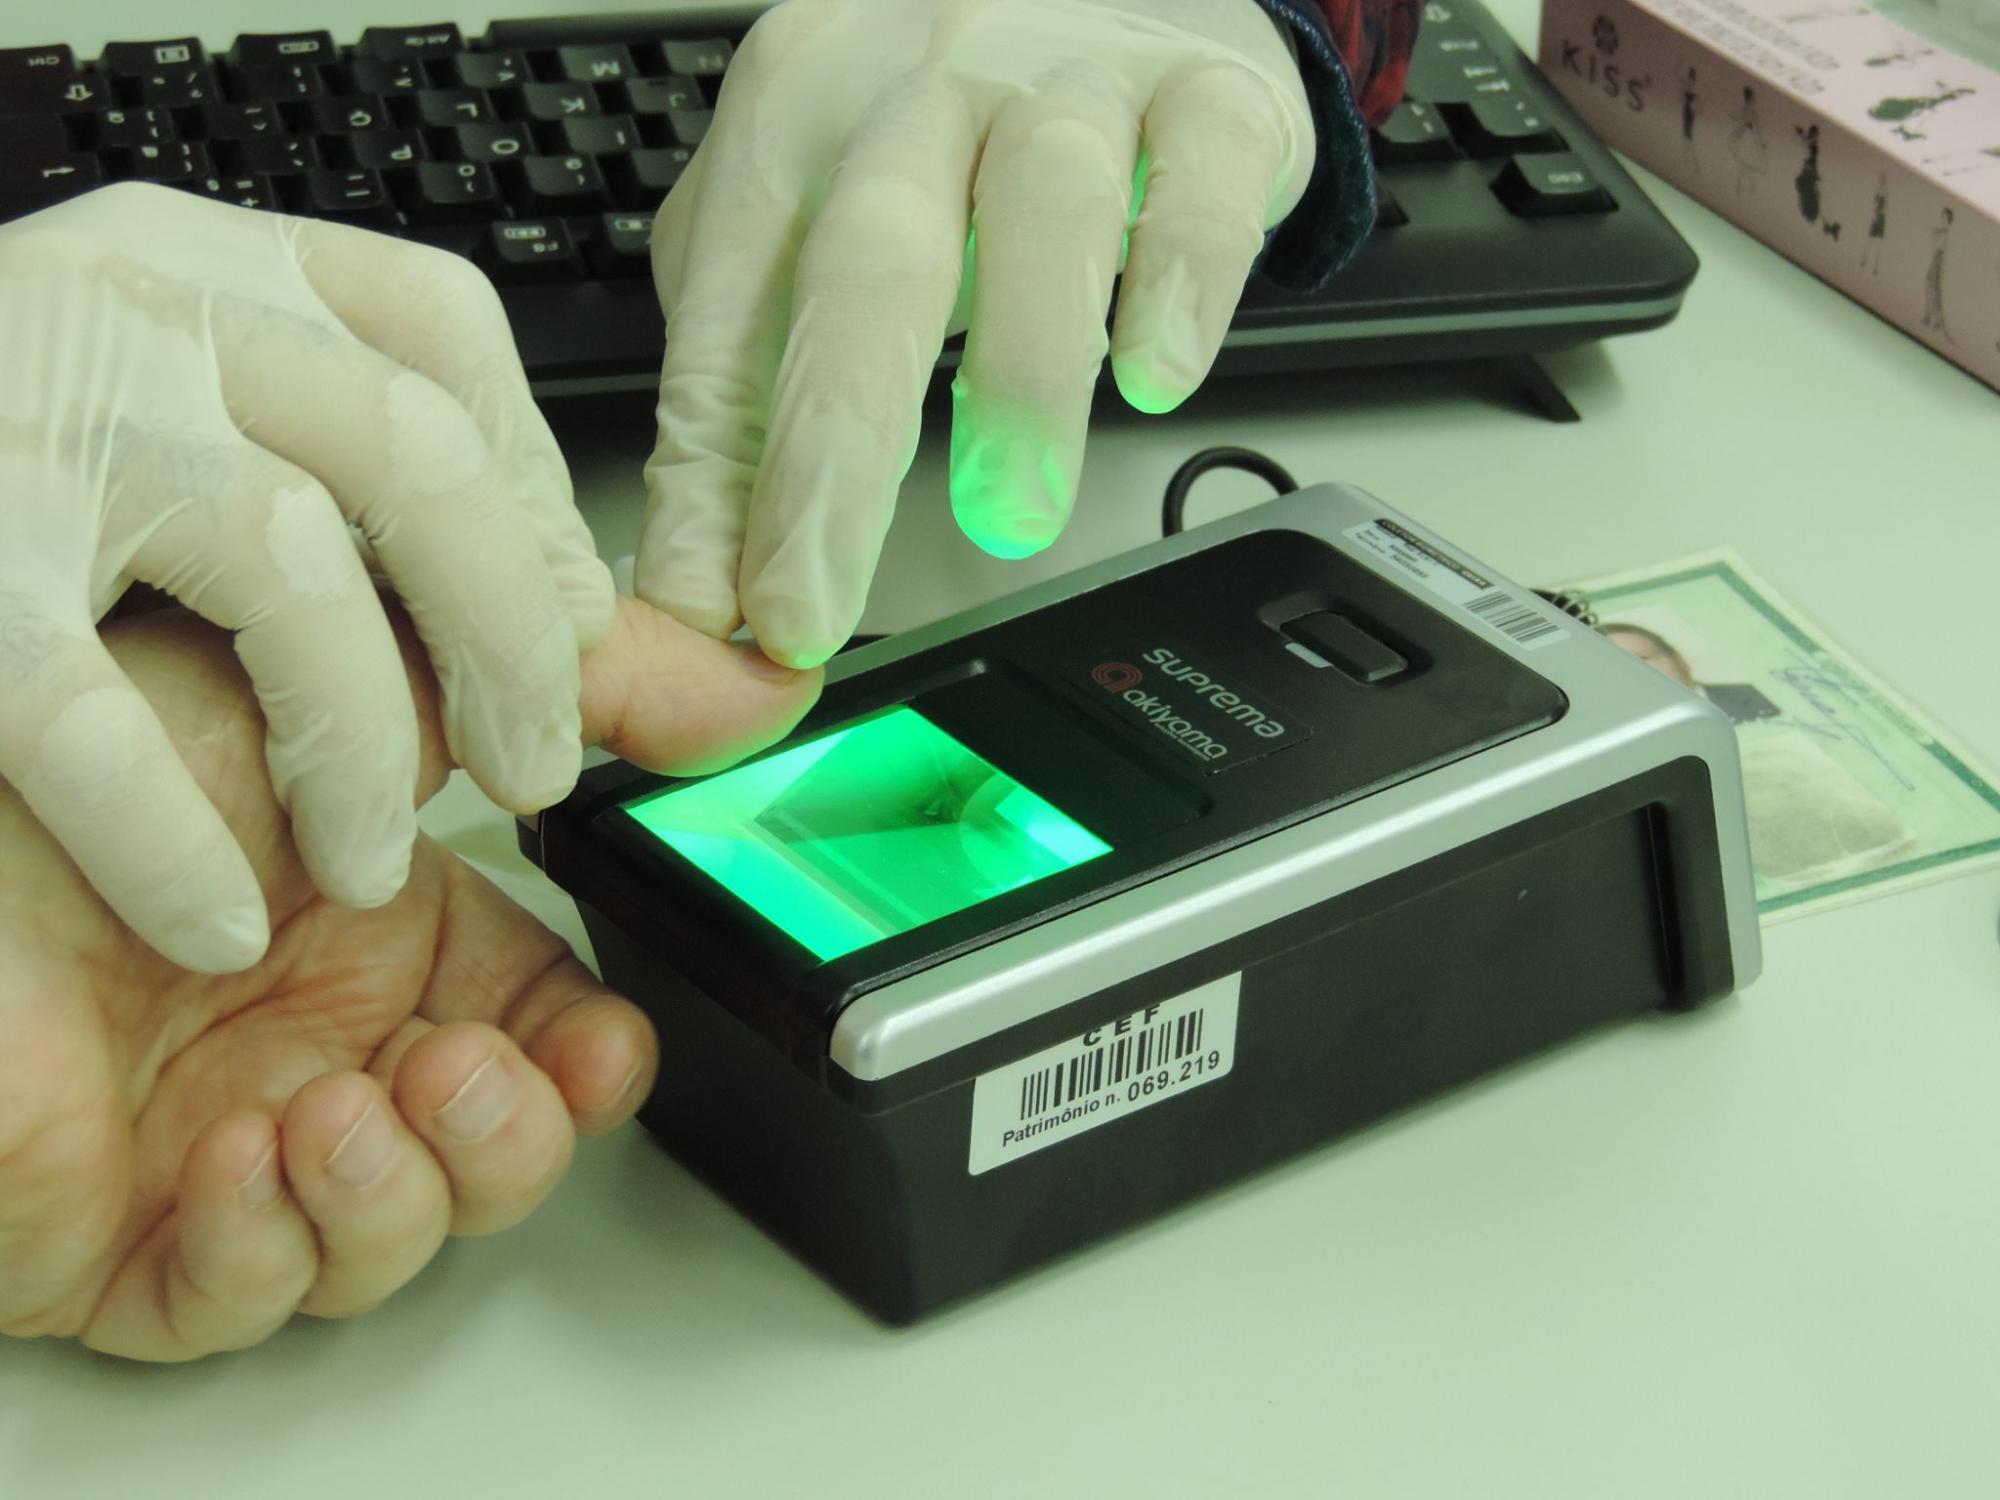 Cartório Eleitoral de Ituporanga convoca eleitores da comarca para fazer a biometria